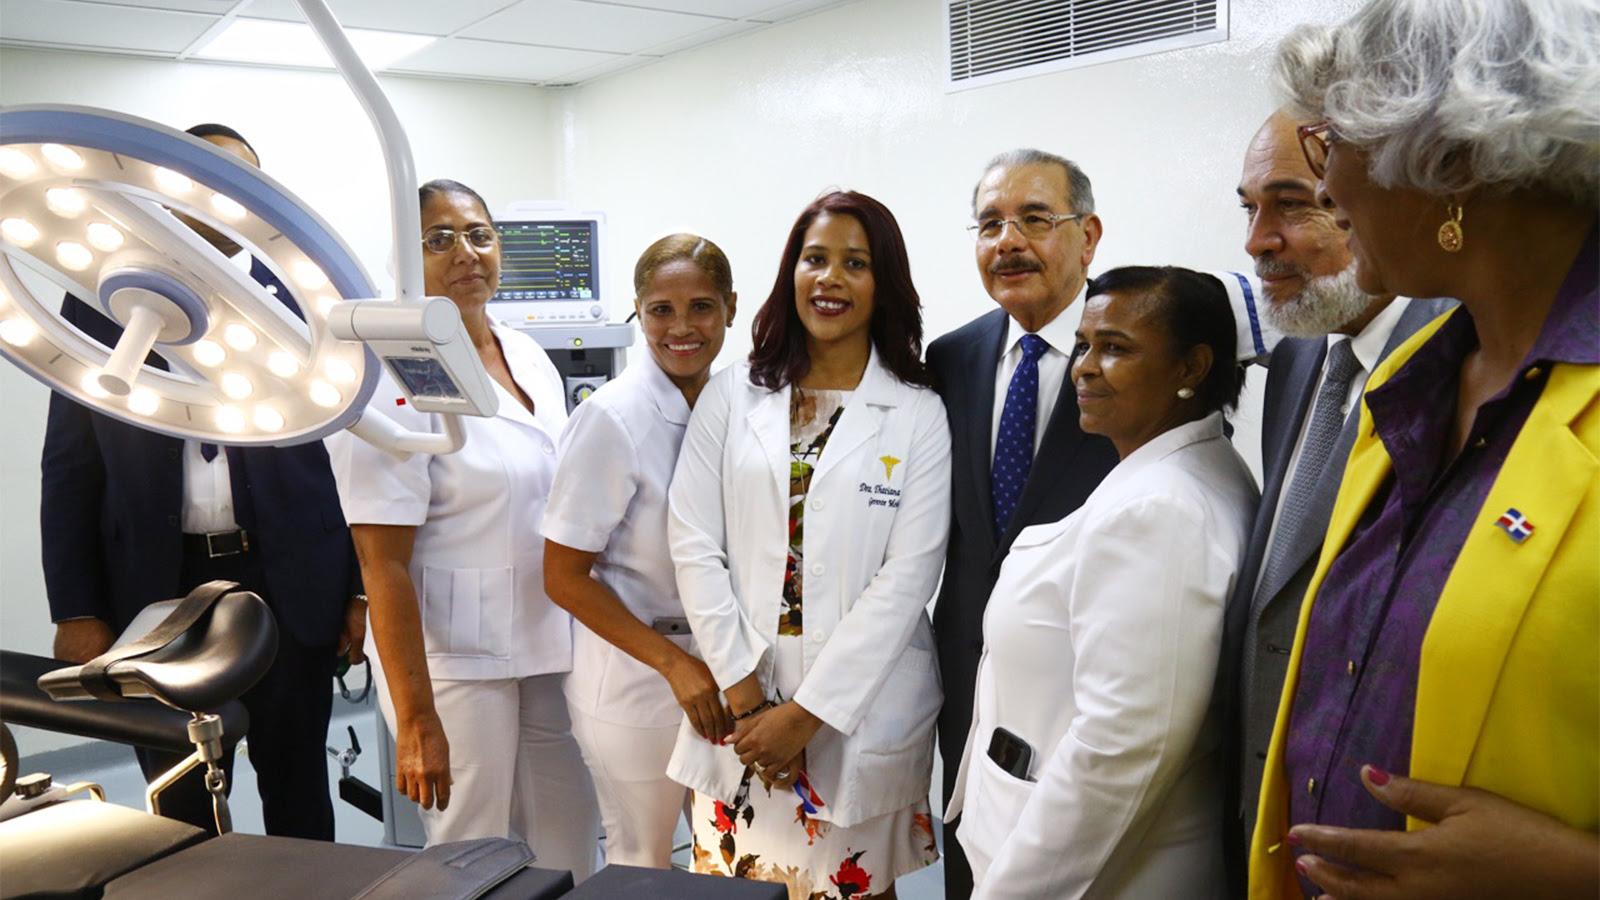 Presidente hace realidad el sueño de habitantes de Duvergé. Les entrega un moderno hospital